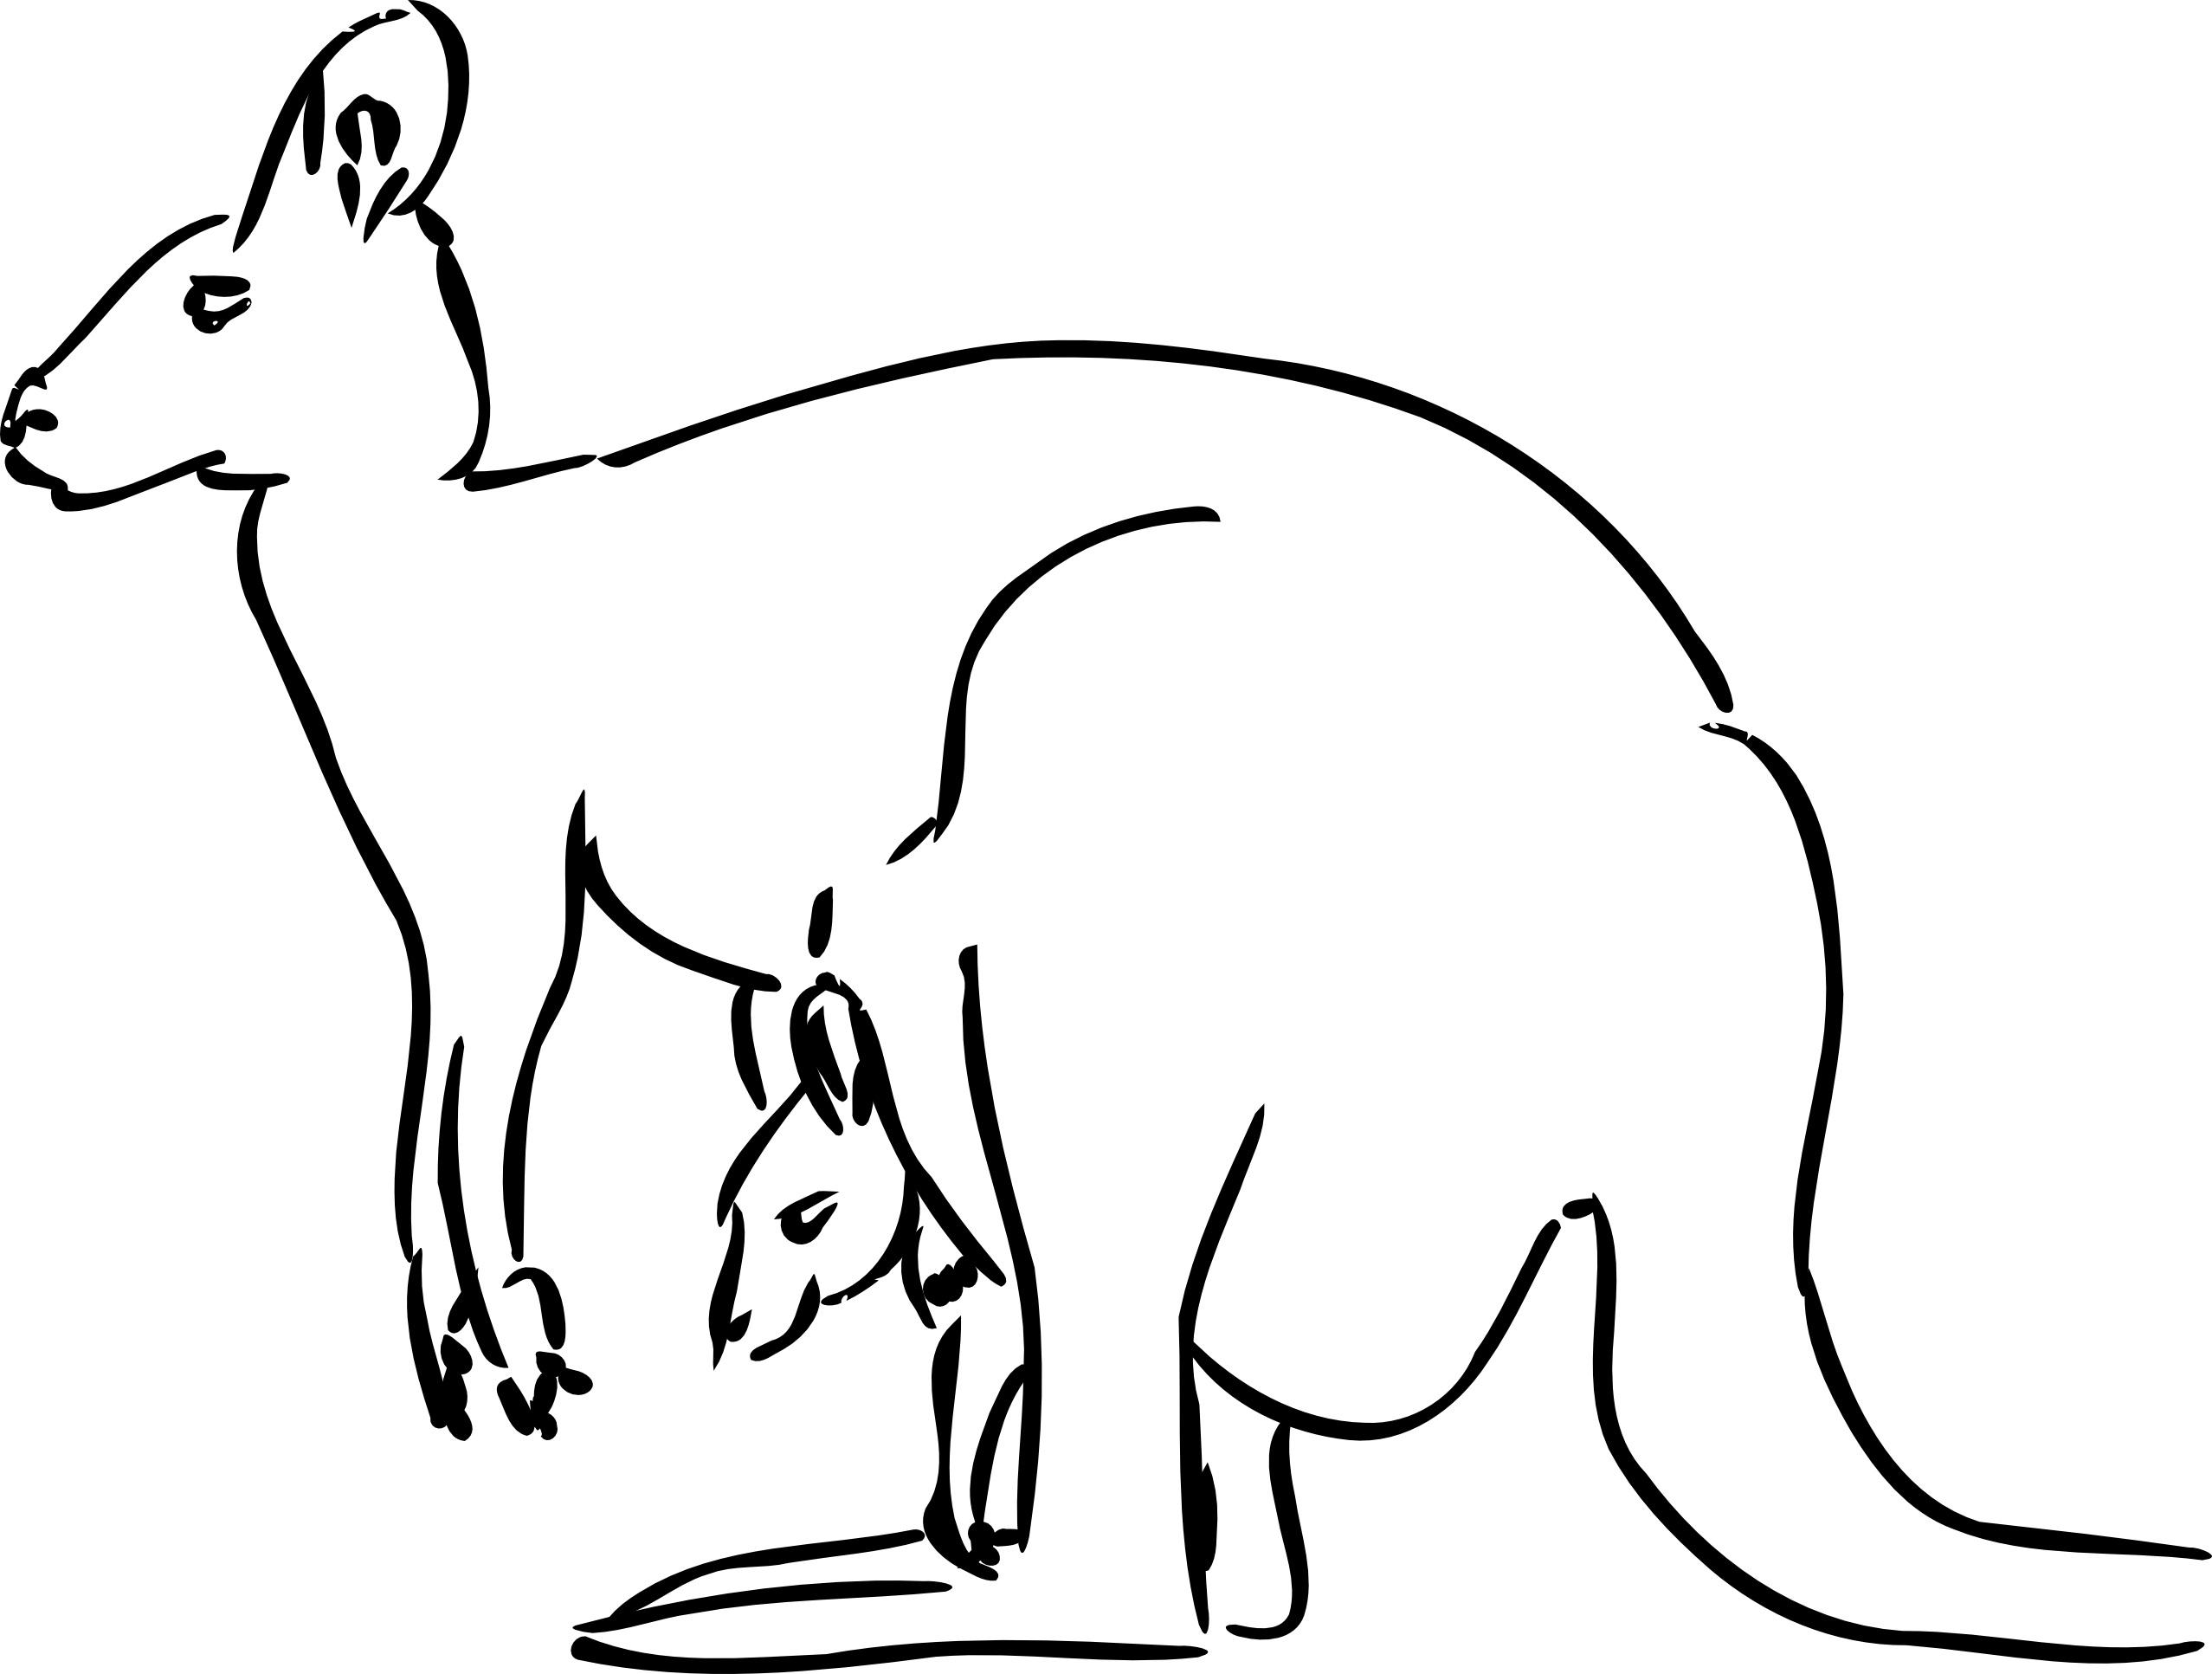 Coloring pages yak - Kangaroo Coloring Page Picture Free Printable Kangaroo Coloring Pages For Kids Animal Place On Kangaroo Coloring